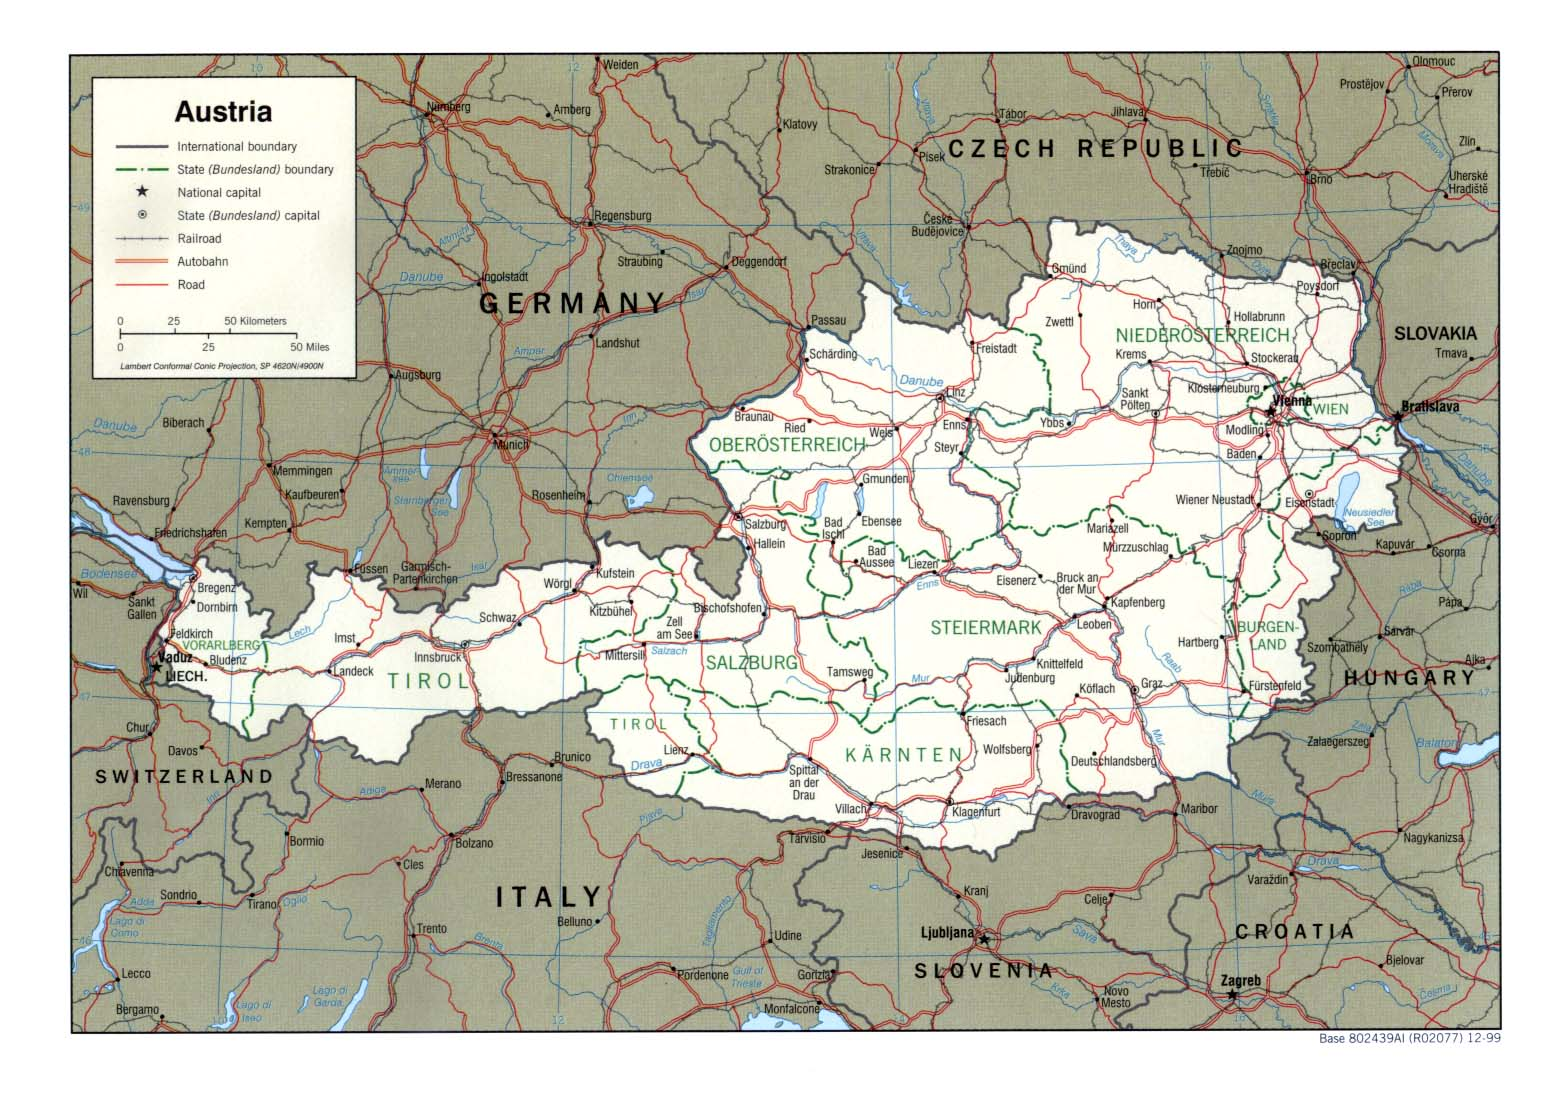 landkarte oesterreich politische karte karten und stadtpl ne der welt. Black Bedroom Furniture Sets. Home Design Ideas